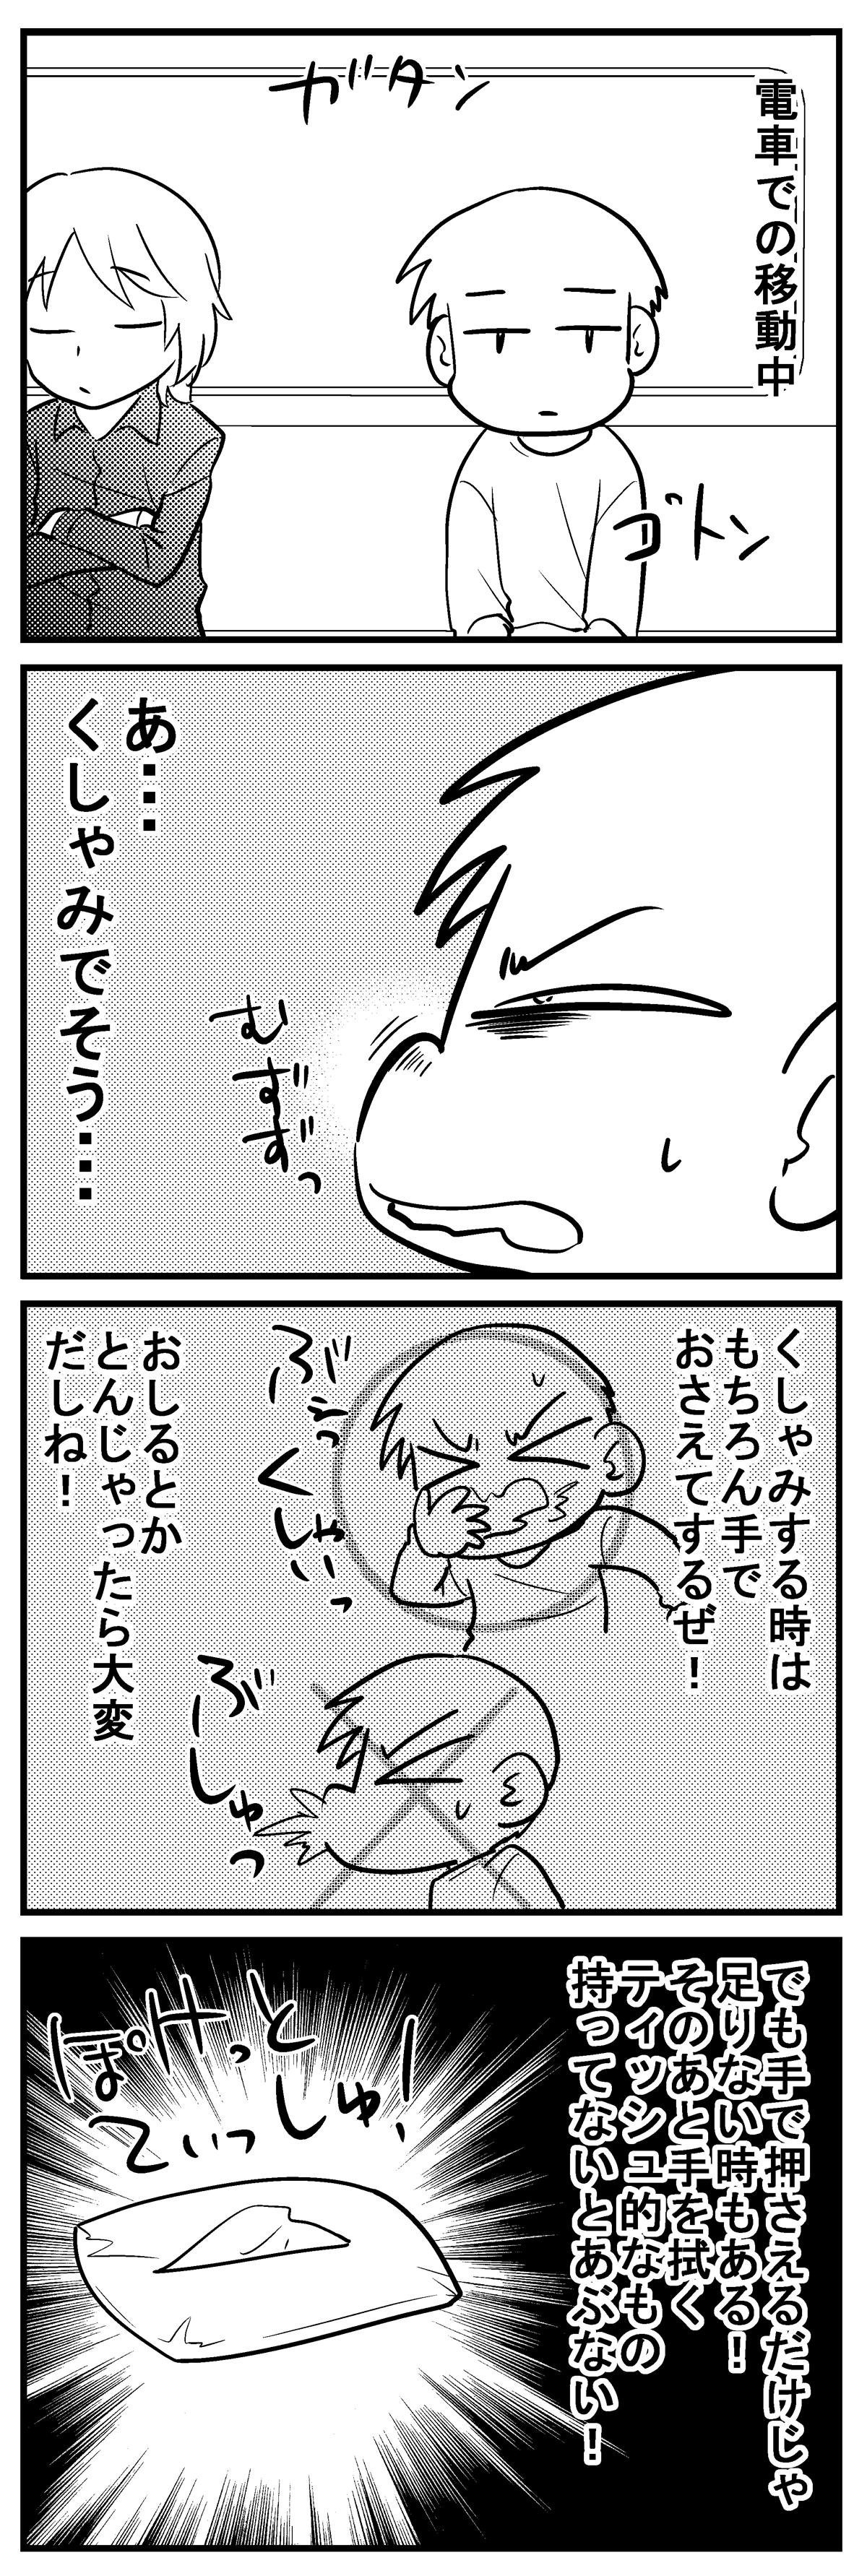 深読みくん54-1